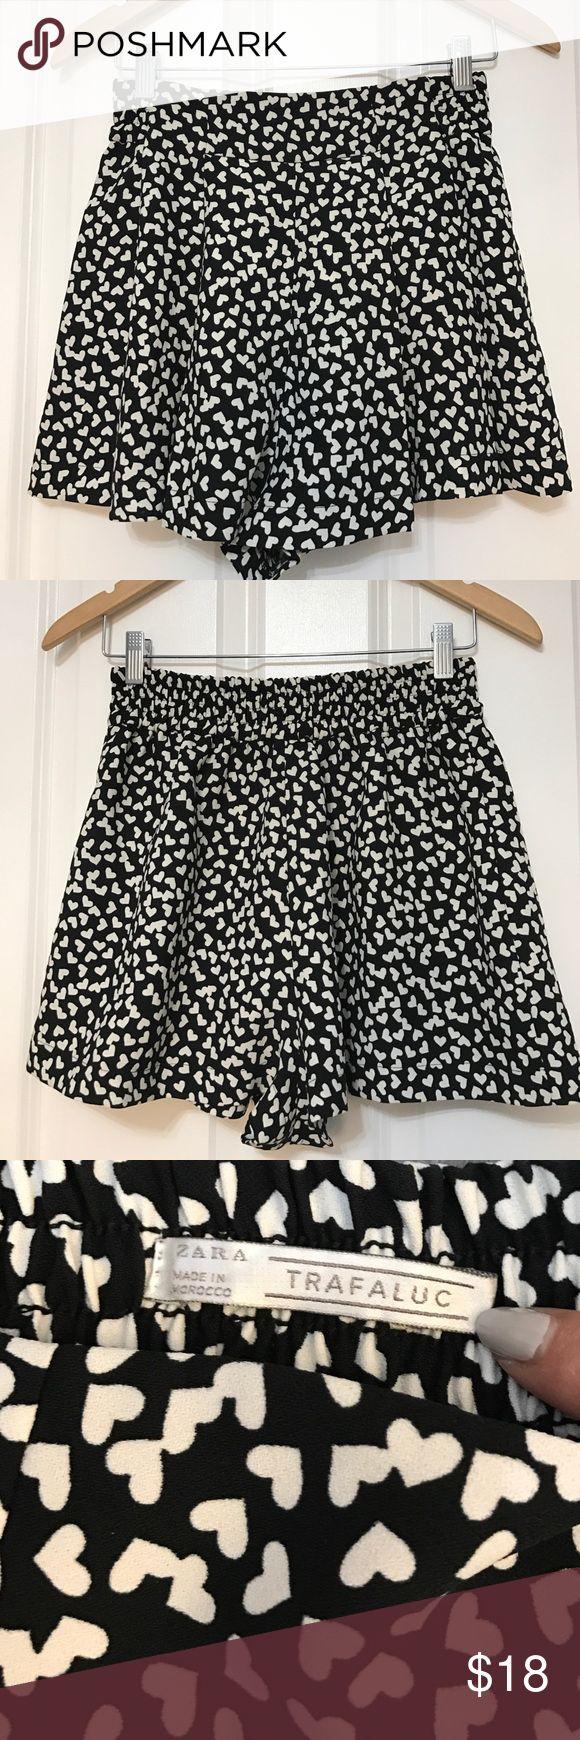 Zara Shorts Cute and flirty Zara shorts Zara Shorts